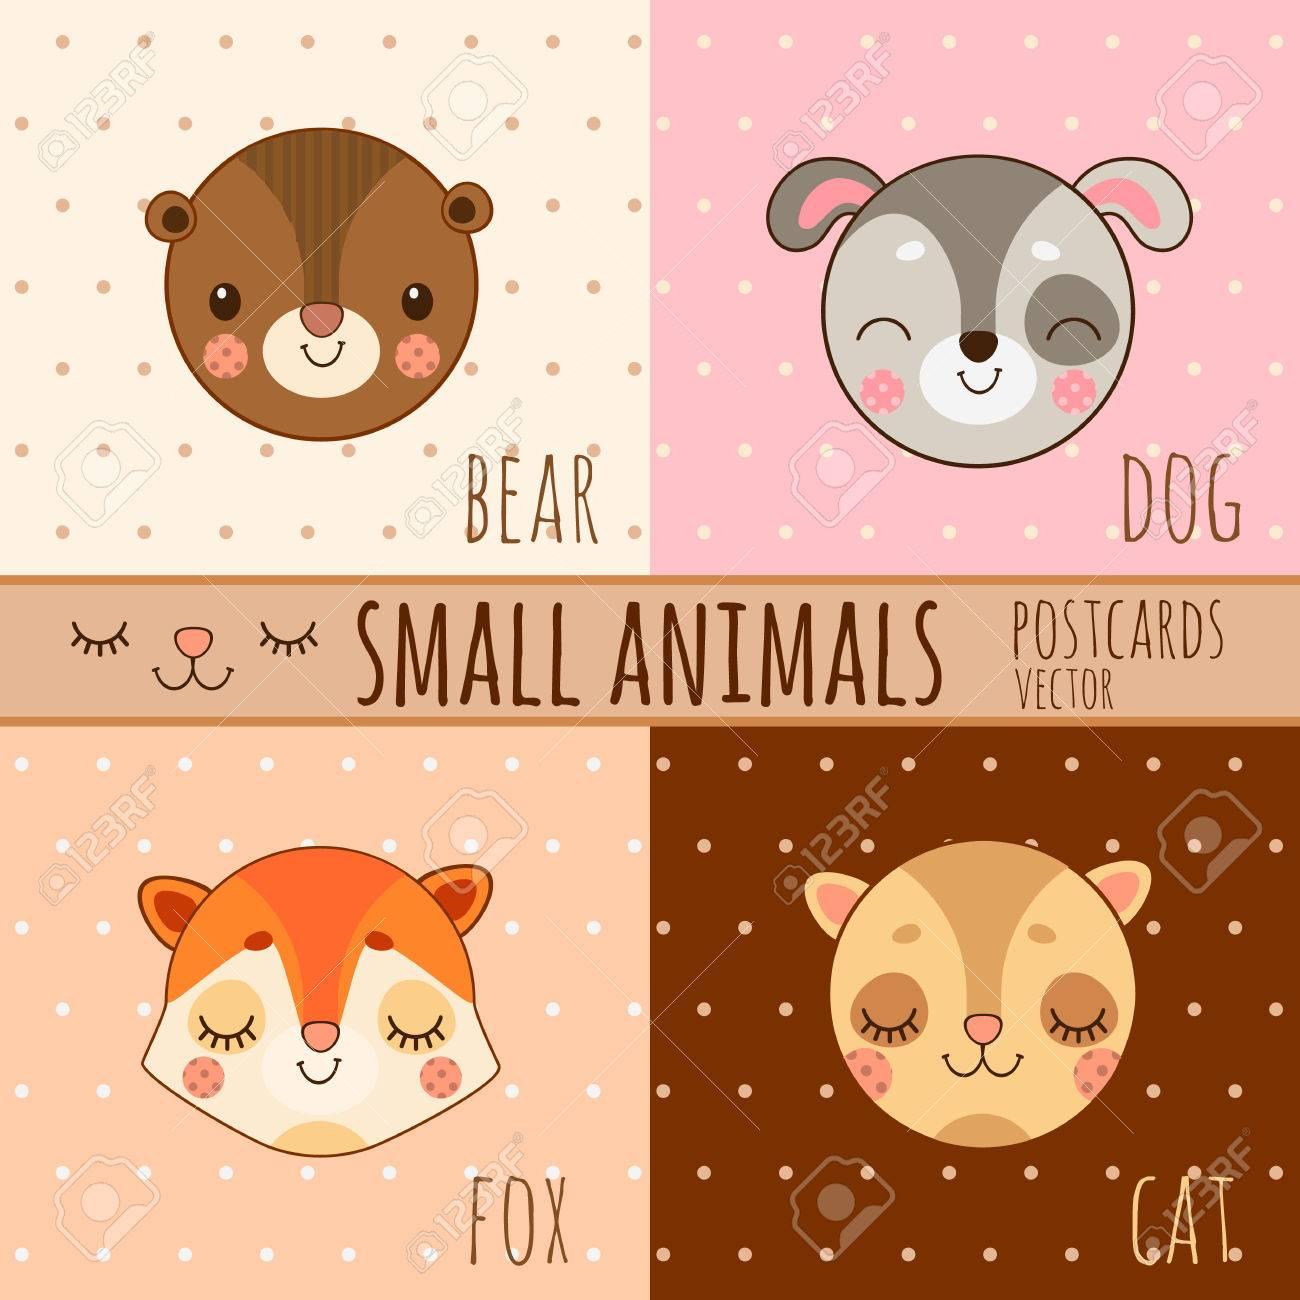 Vier Einfache Nette Bilder Kopf Der Tiere Hund Katze Fuchs Bär